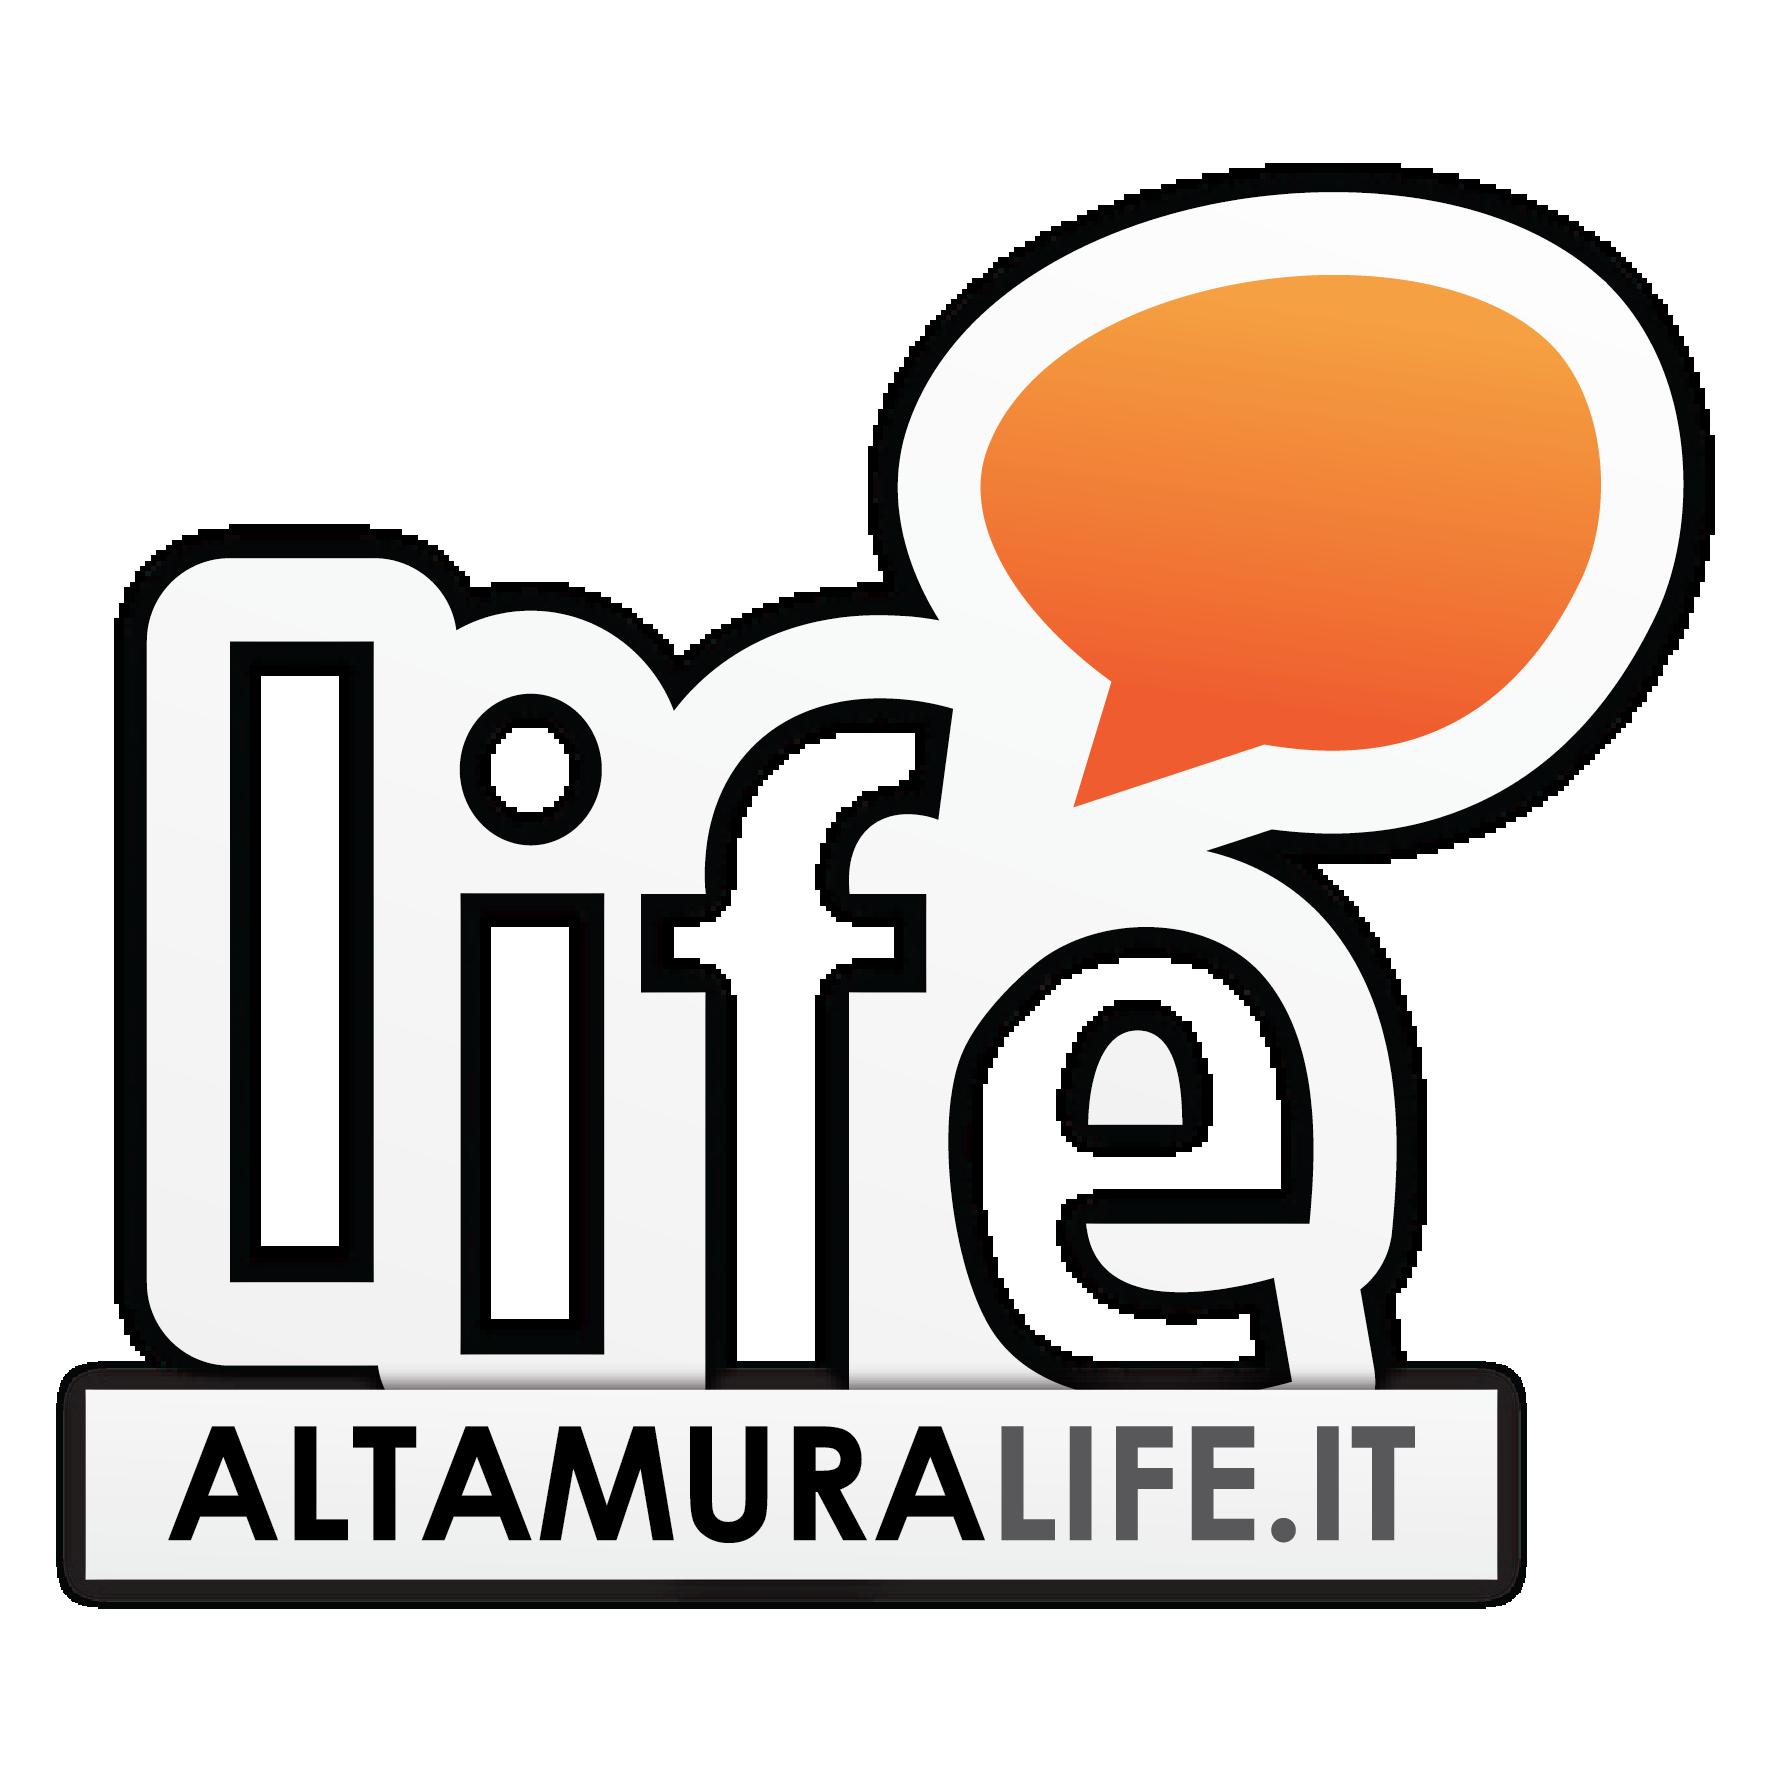 Altamuralife il portale di Altamura